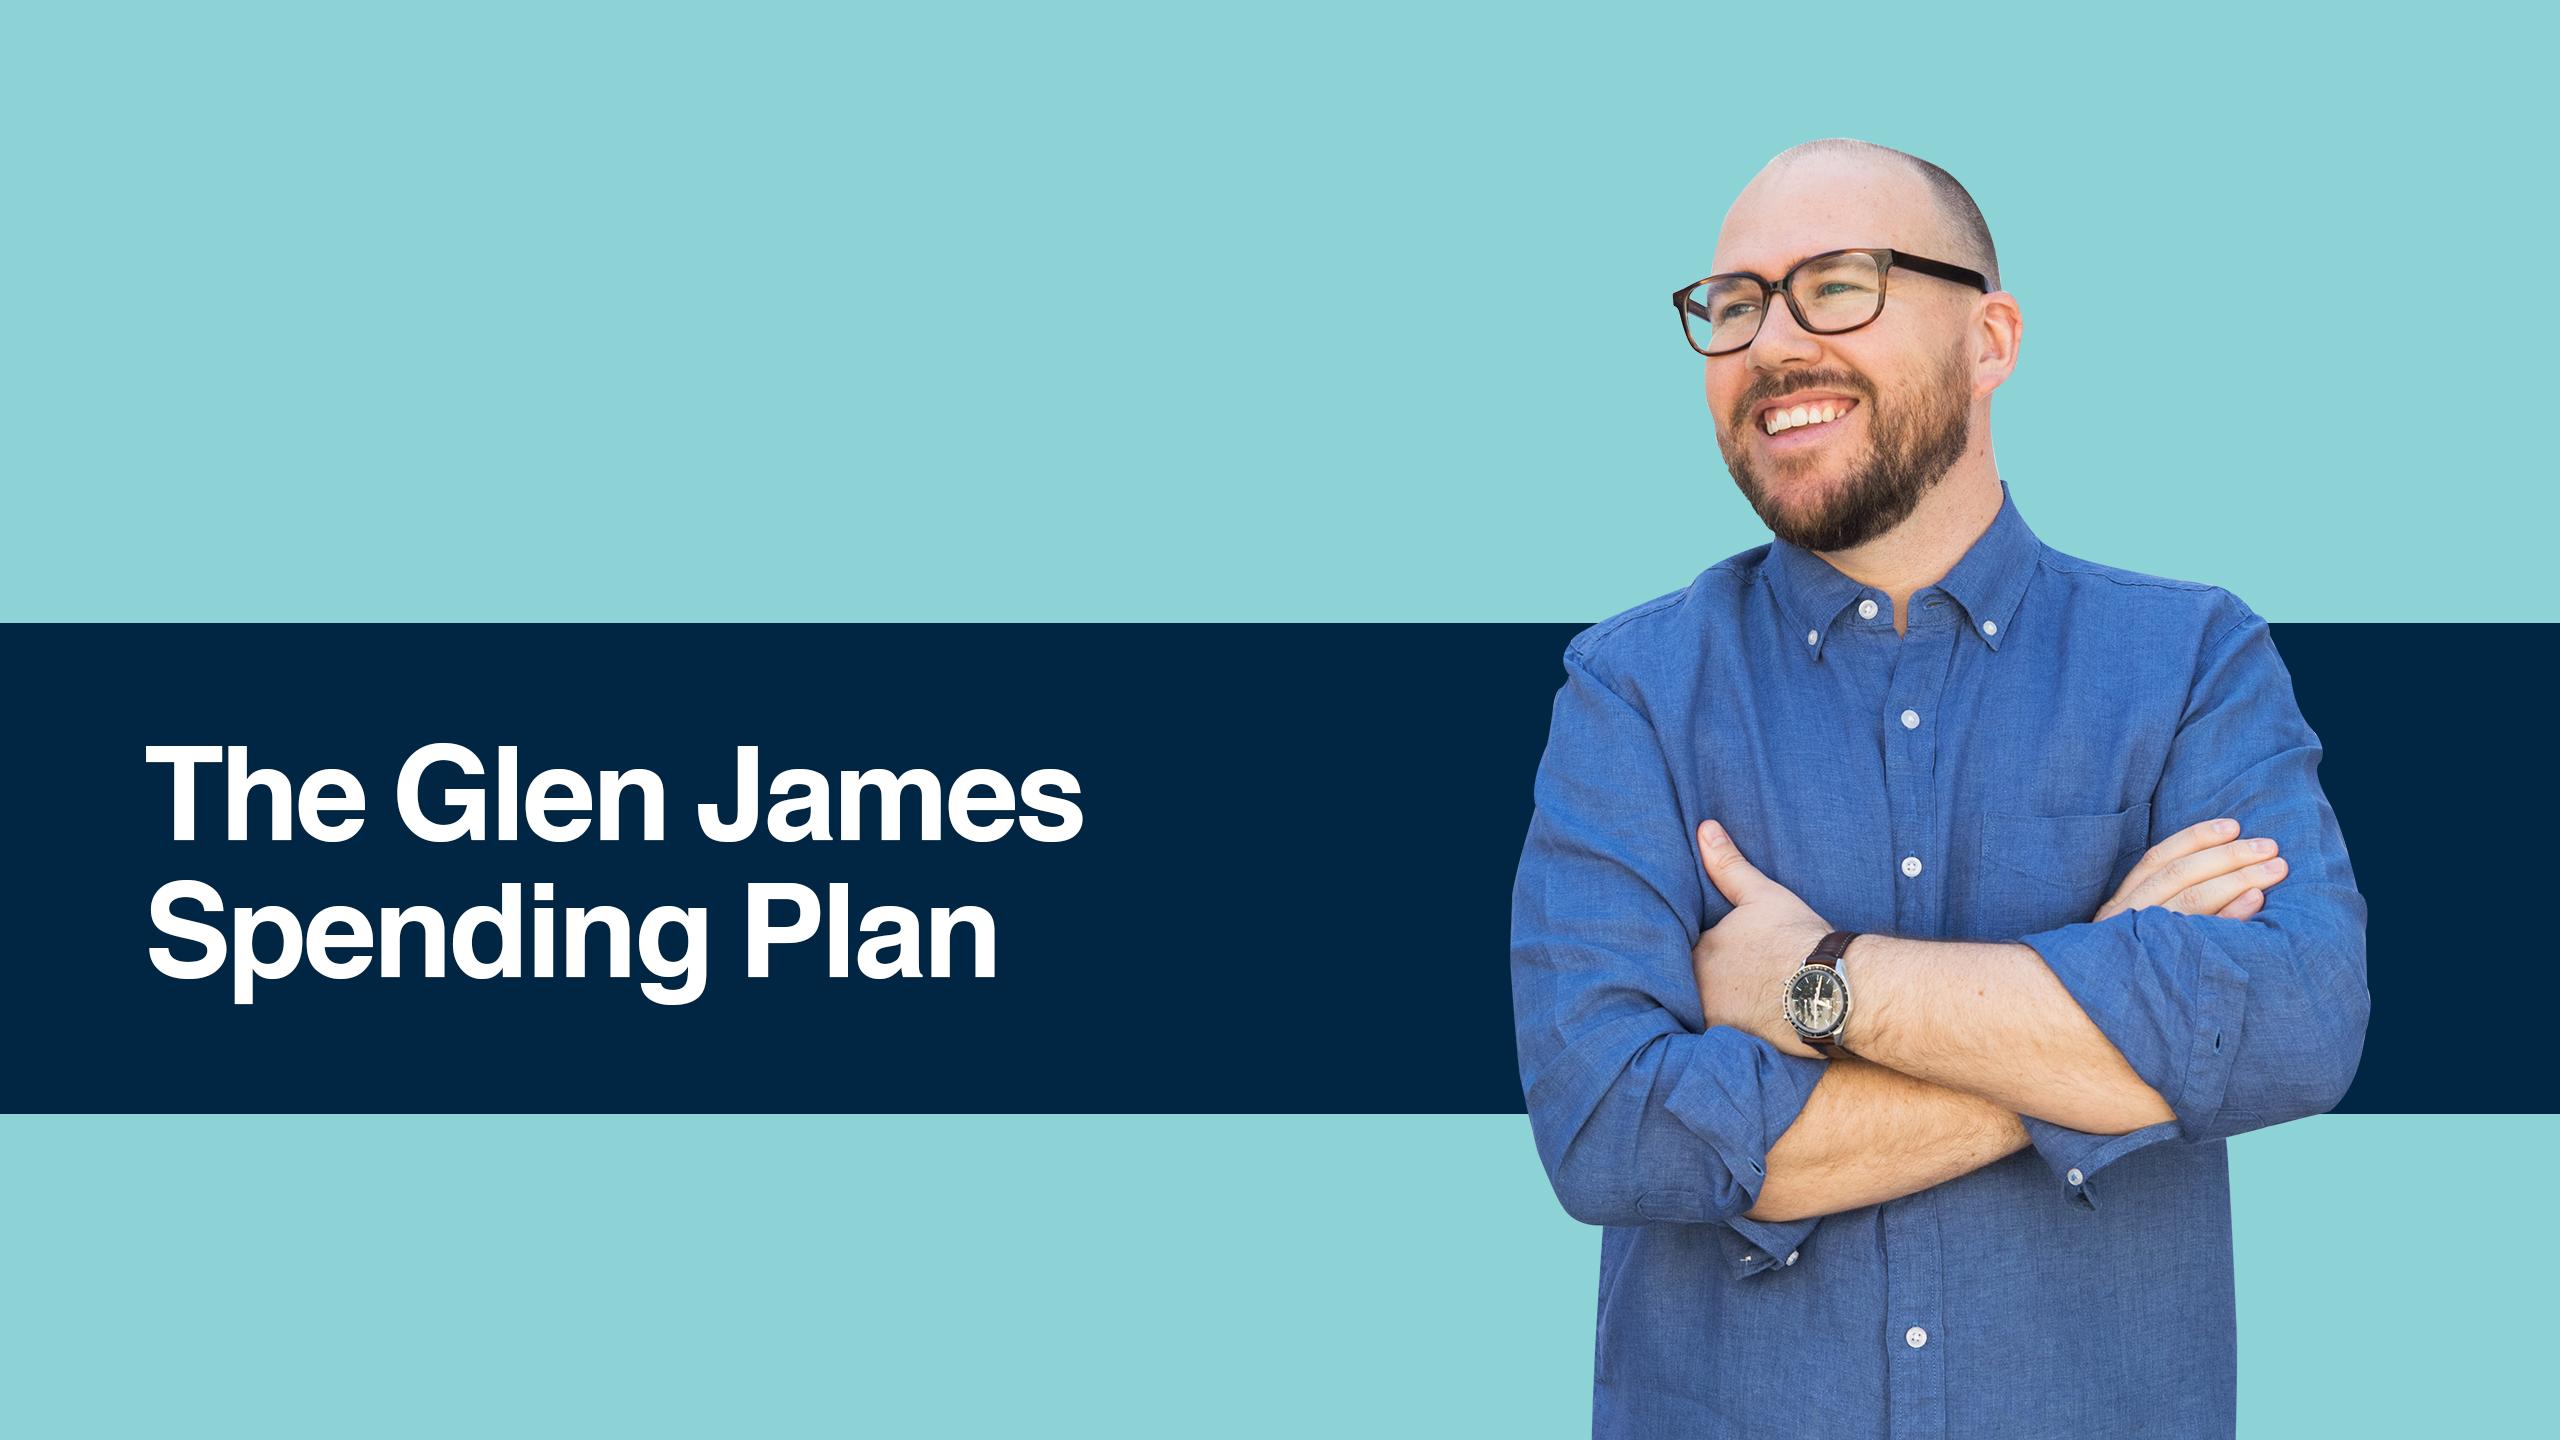 Glen James – The Glen James Spending Plan